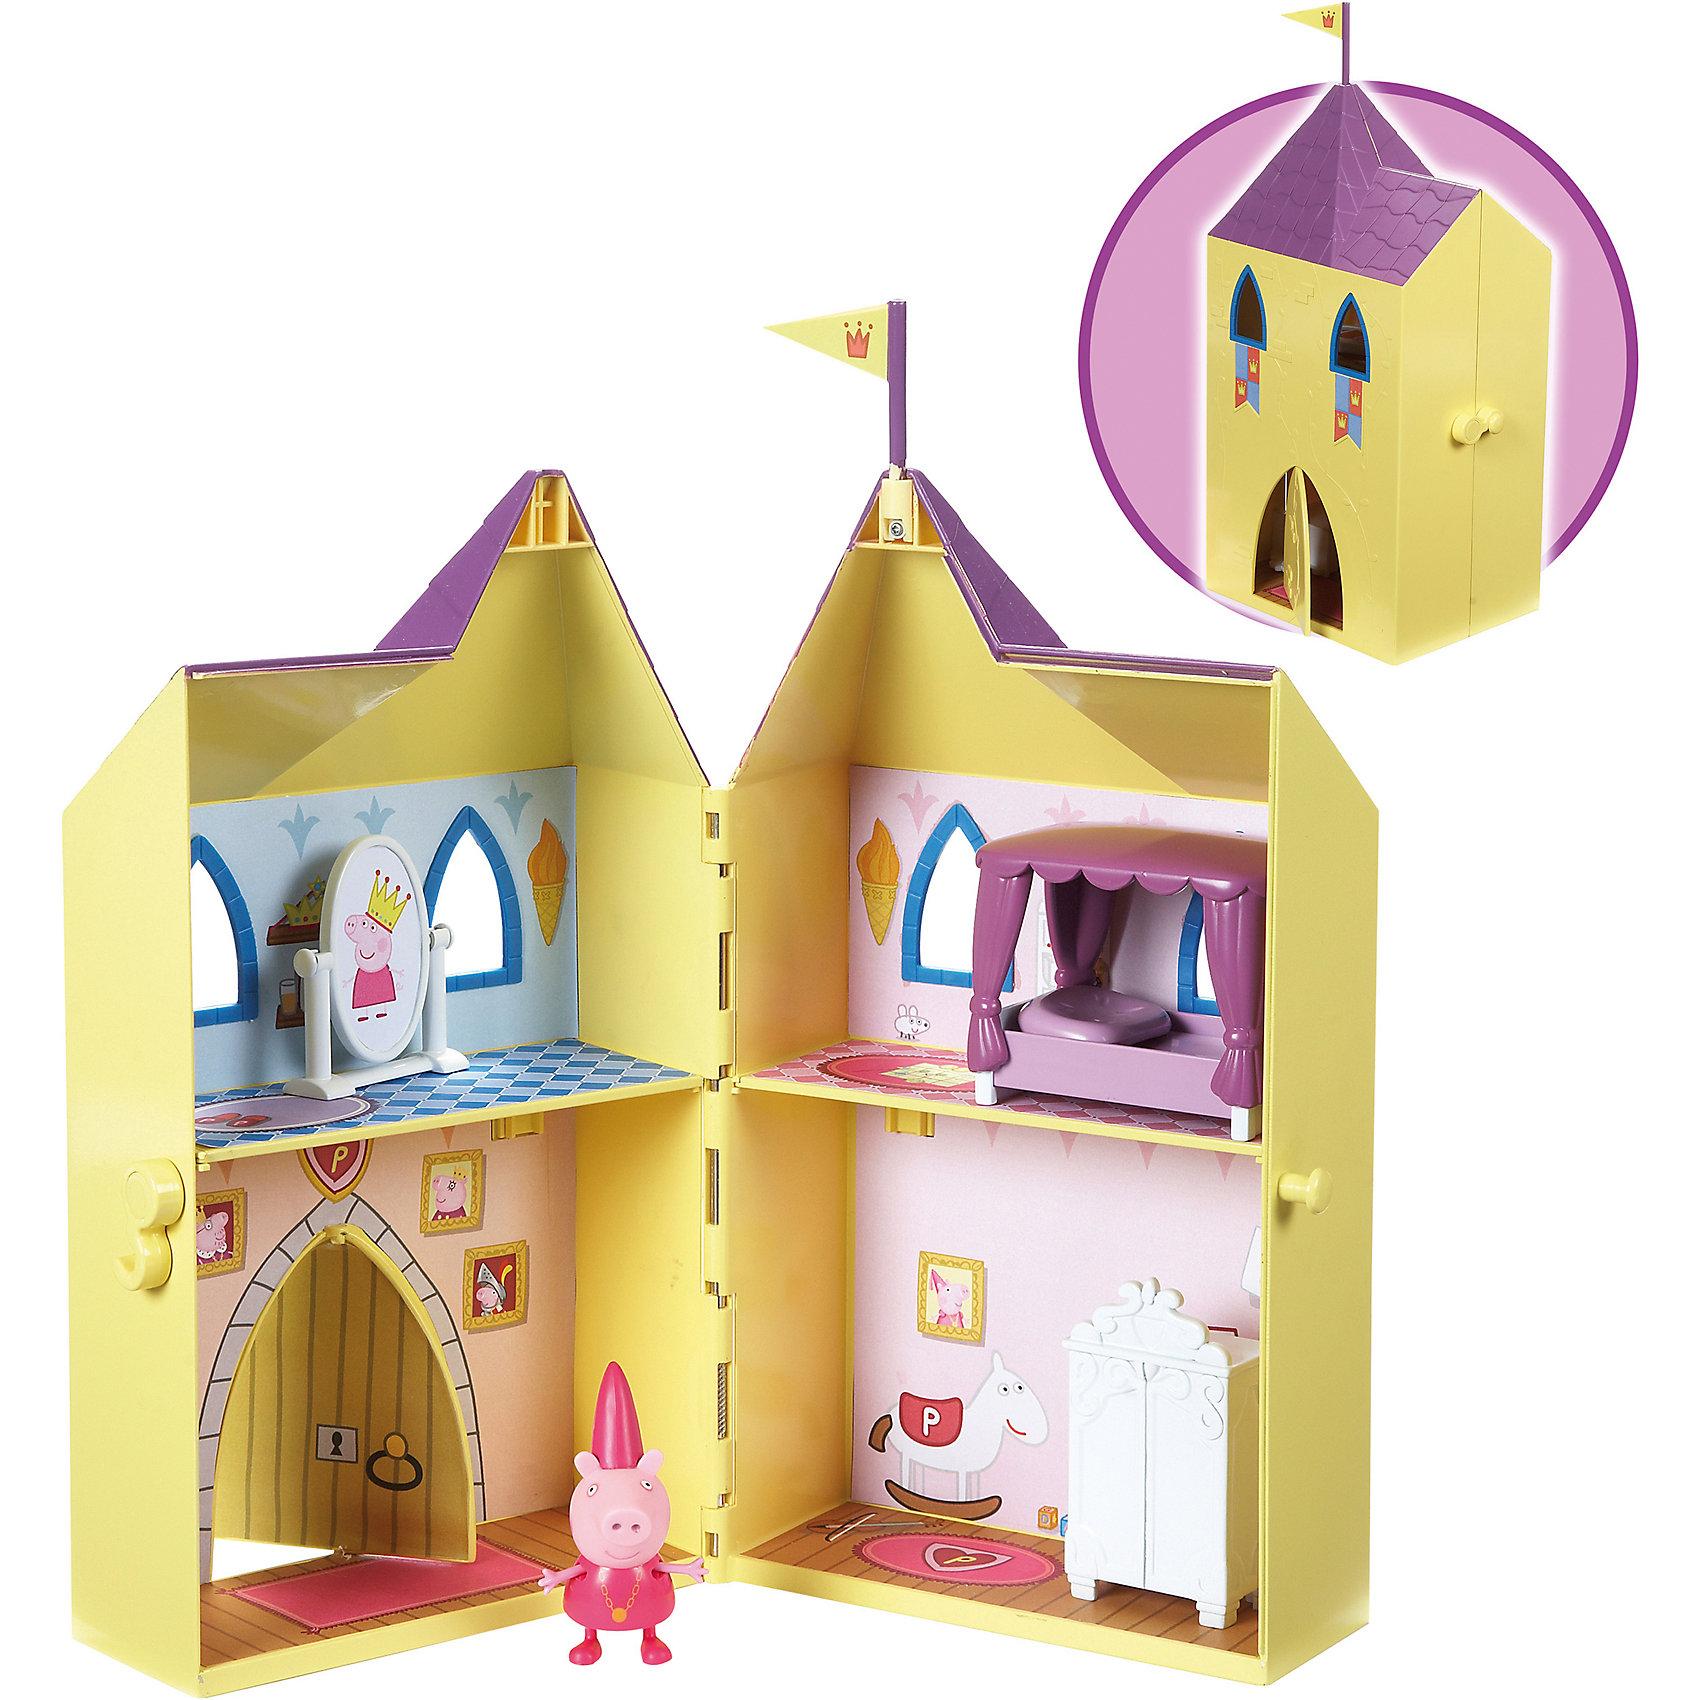 Росмэн Игровой набор Замок принцессы, Свинка Пеппа origami пазл замок 160 деталей свинка пеппа